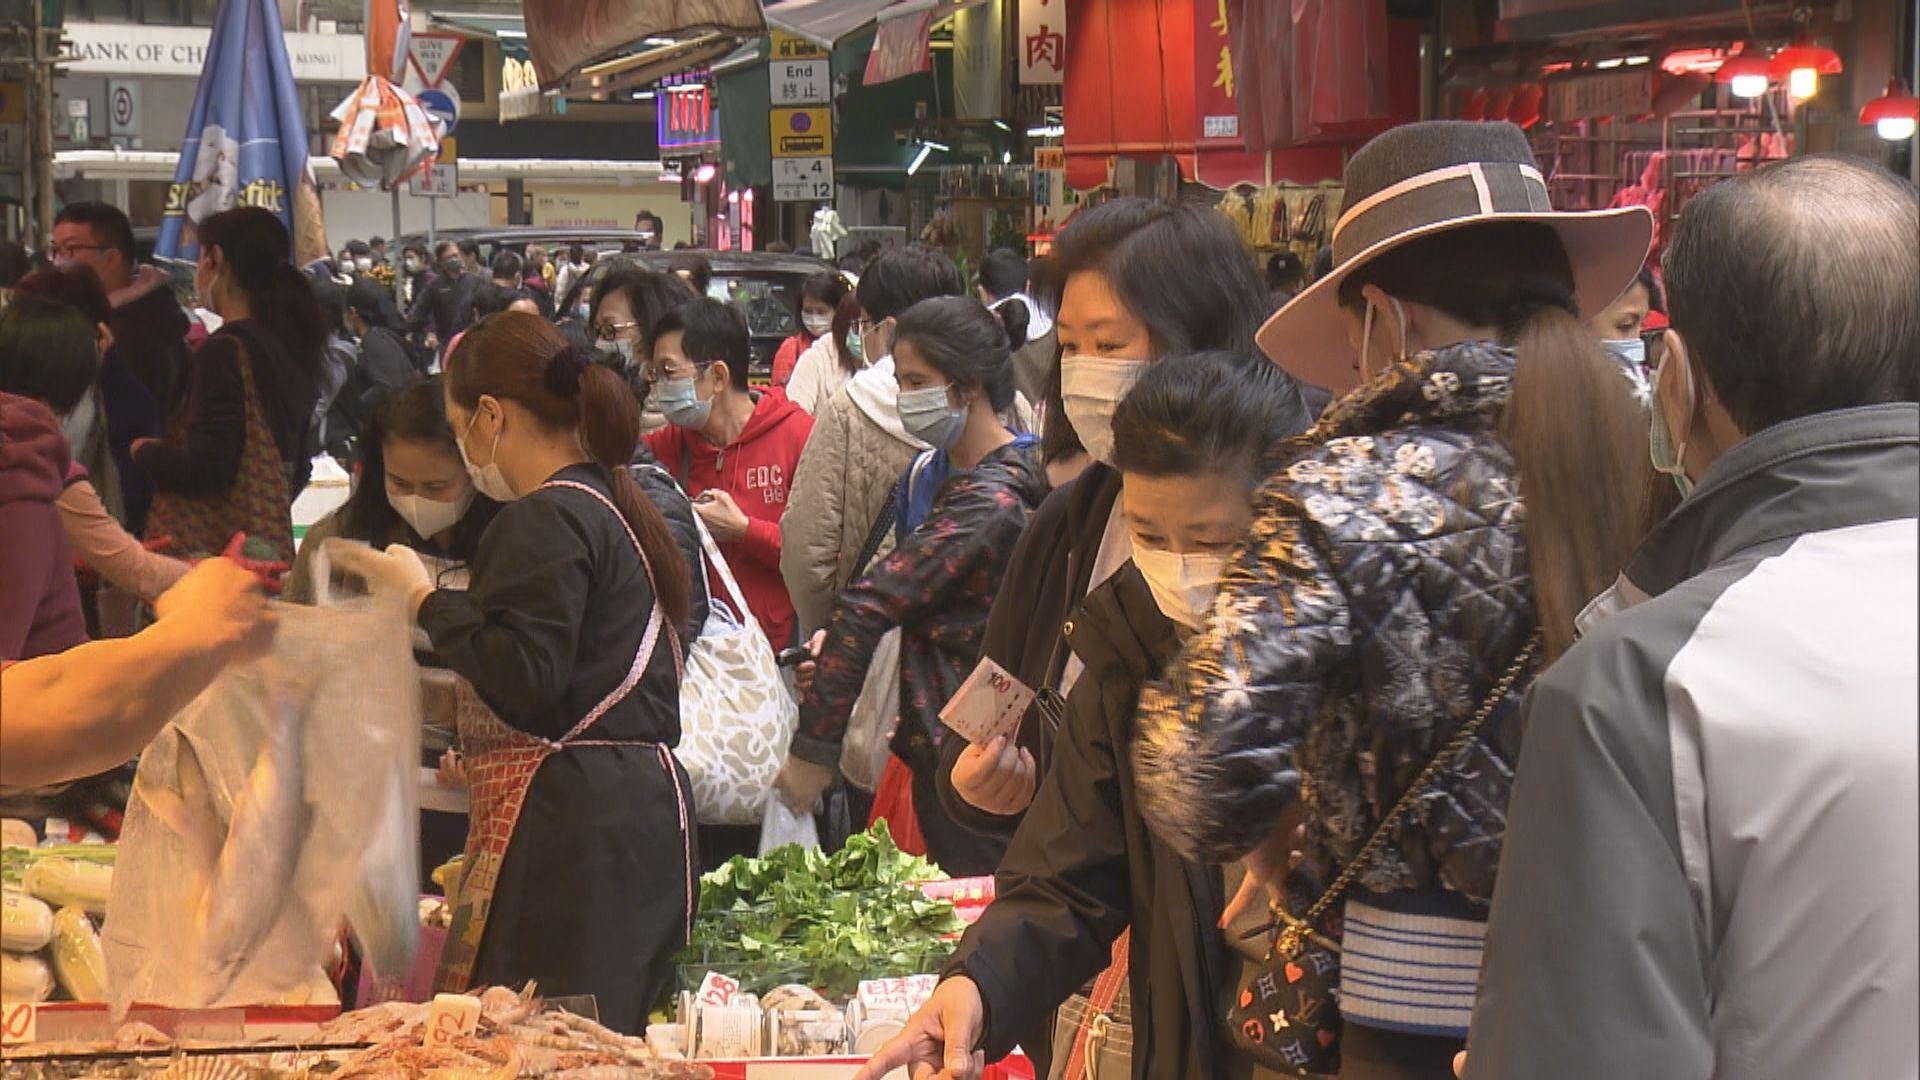 【年三十晚】疫情下巿民留家吃團年飯 街巿迫滿人